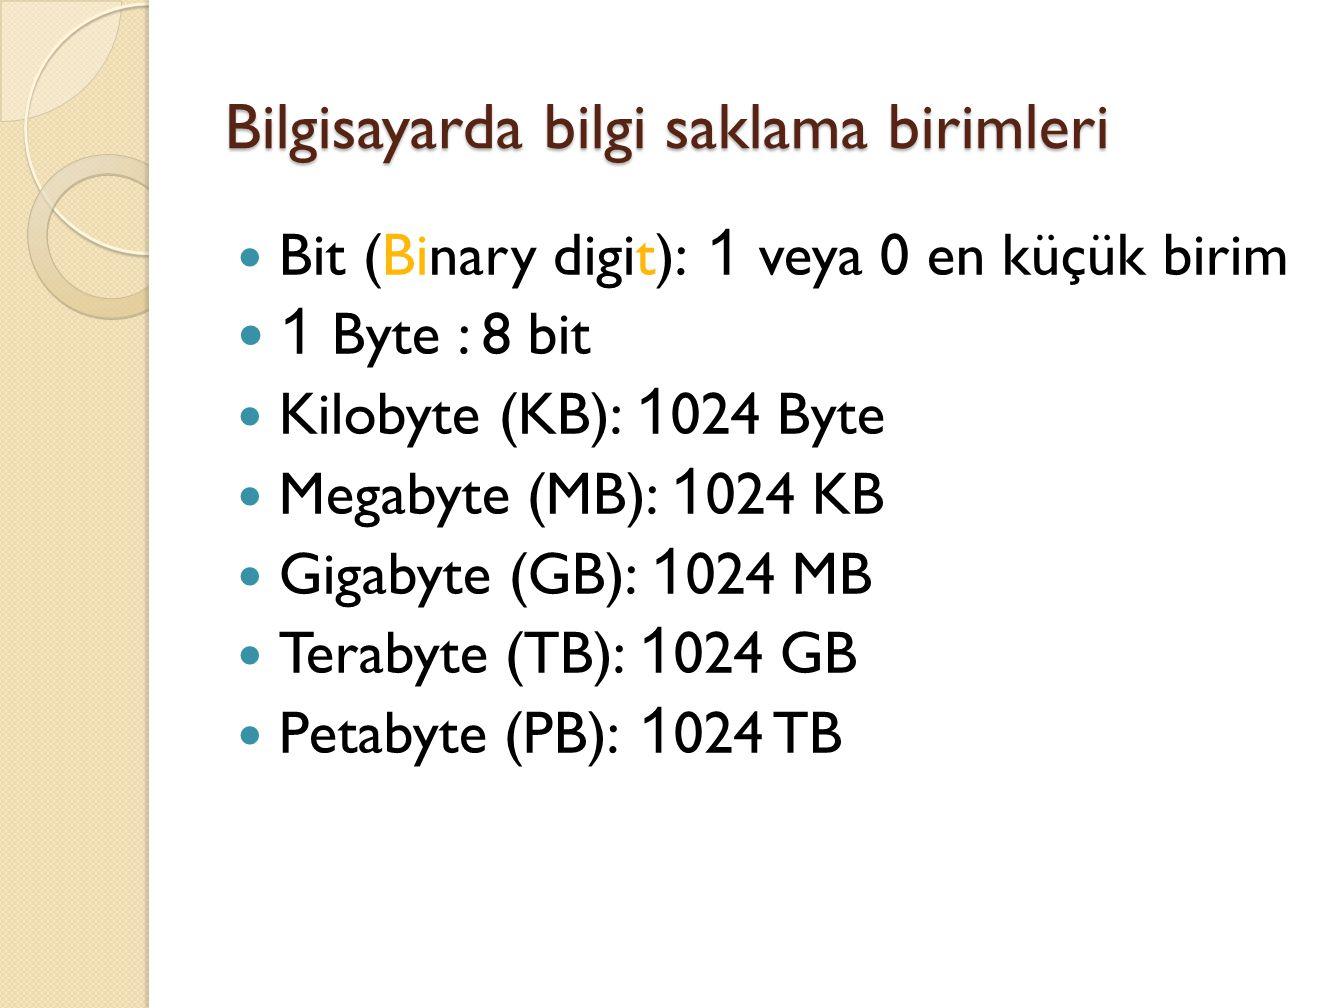 Bilgisayarda bilgi saklama birimleri Bit (Binary digit): 1 veya 0 en küçük birim 1 Byte : 8 bit Kilobyte (KB): 1 024 Byte Megabyte (MB): 1 024 KB Gigabyte (GB): 1 024 MB Terabyte (TB): 1 024 GB Petabyte (PB): 1 024 TB